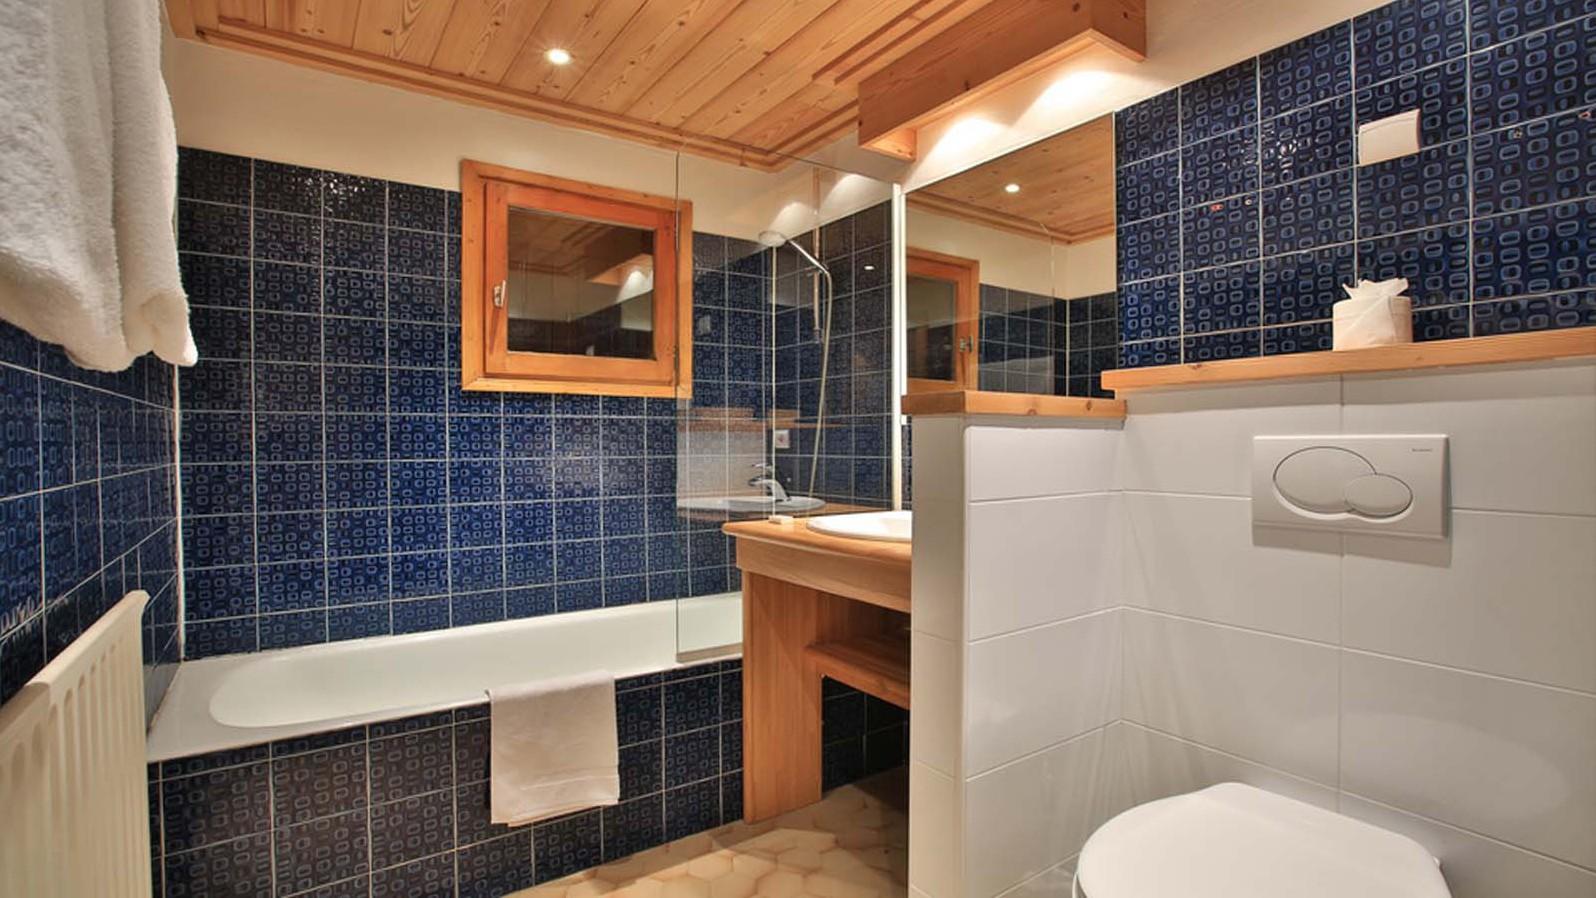 Bathroom, Chalet Elodie - ski chalet in Meribel, France